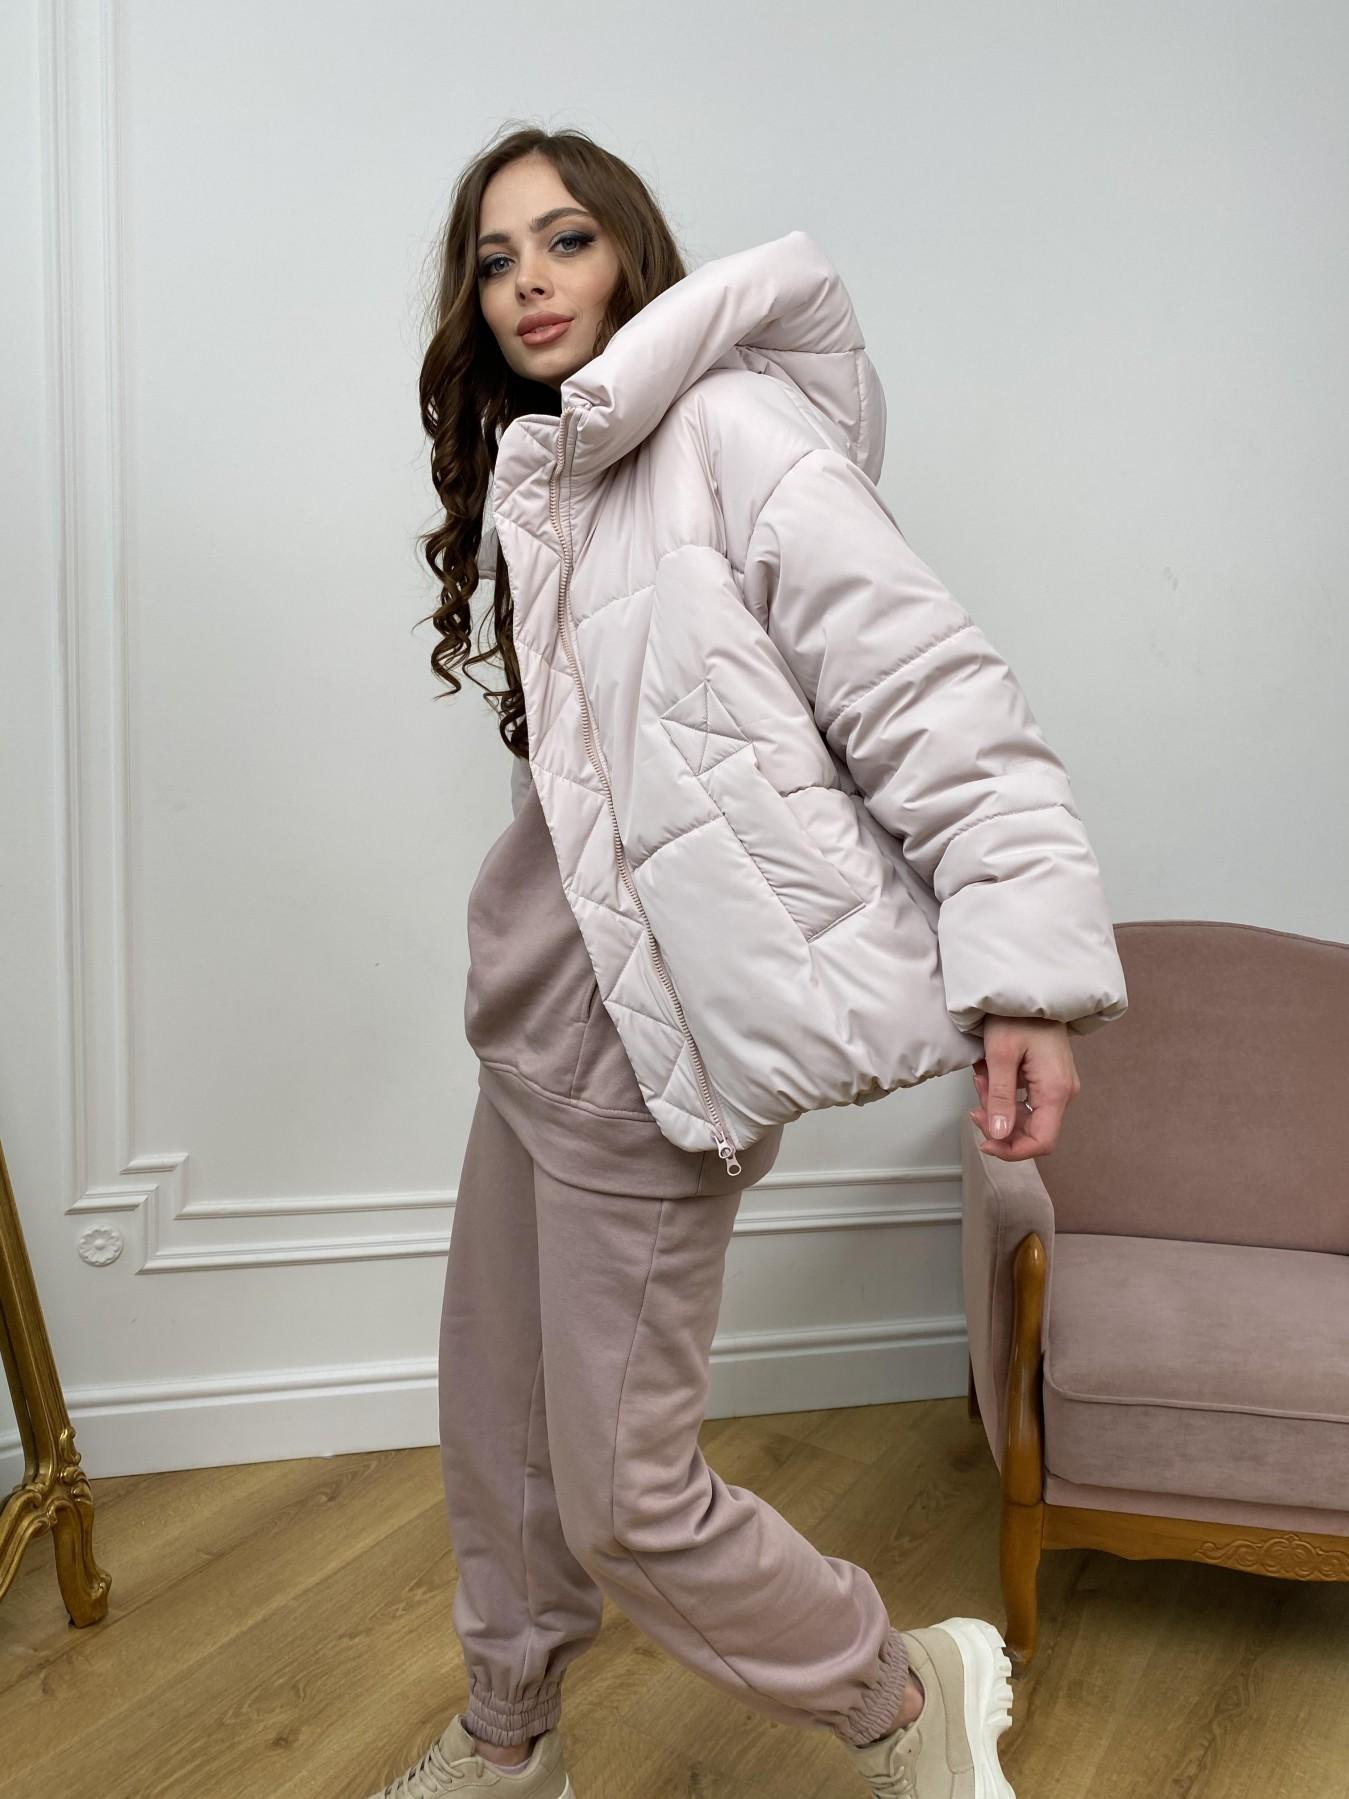 Нокс куртка из плащевой ткани 10535 АРТ. 46973 Цвет: Молоко 970 - фото 4, интернет магазин tm-modus.ru